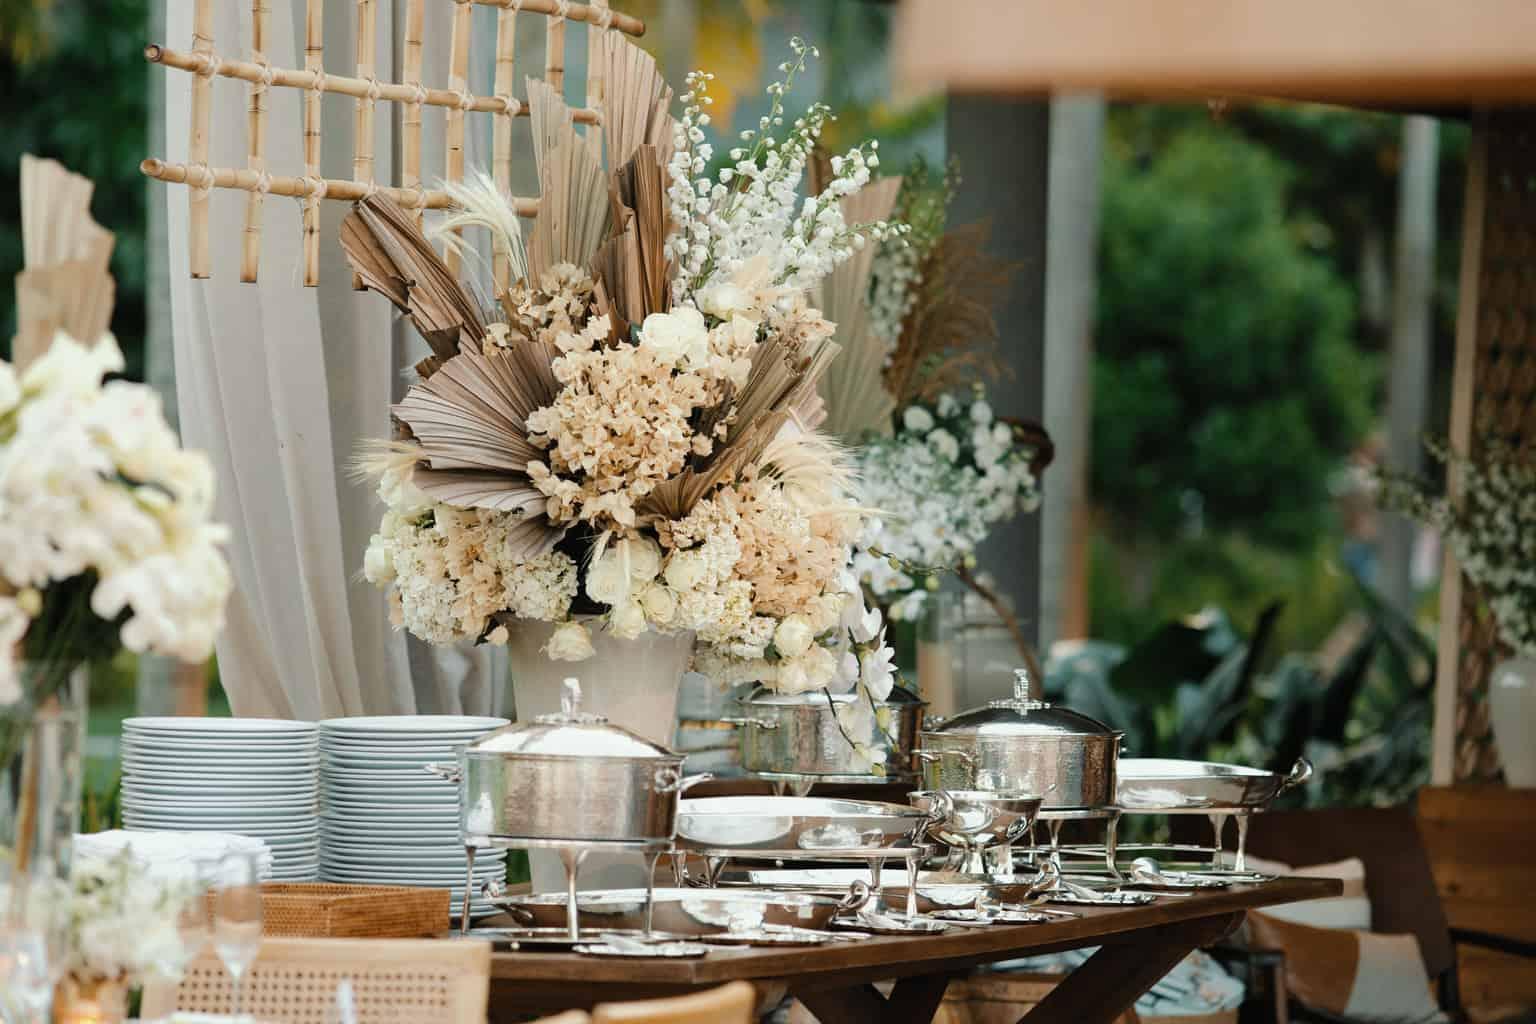 Casamento-Alissa-e-Gustavo-Cerimonial-Manu-Goncalez-Decor-Andrea-Kapps-Fasano-Angra-dos-Reis-Foto-VRebel-Decoracao7981